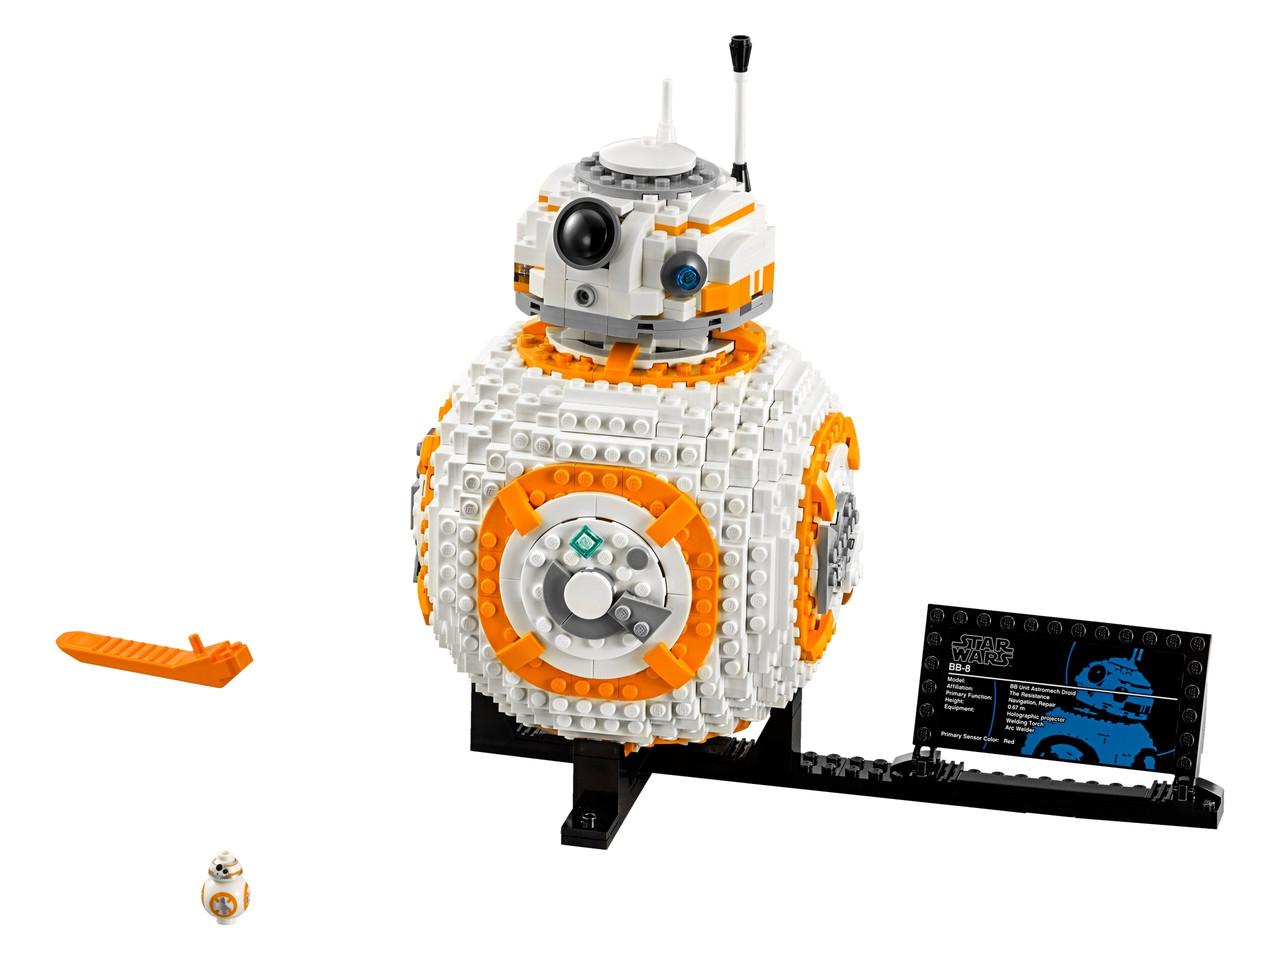 Конструктор LEGO БиБи-8 1106 деталей (75187)